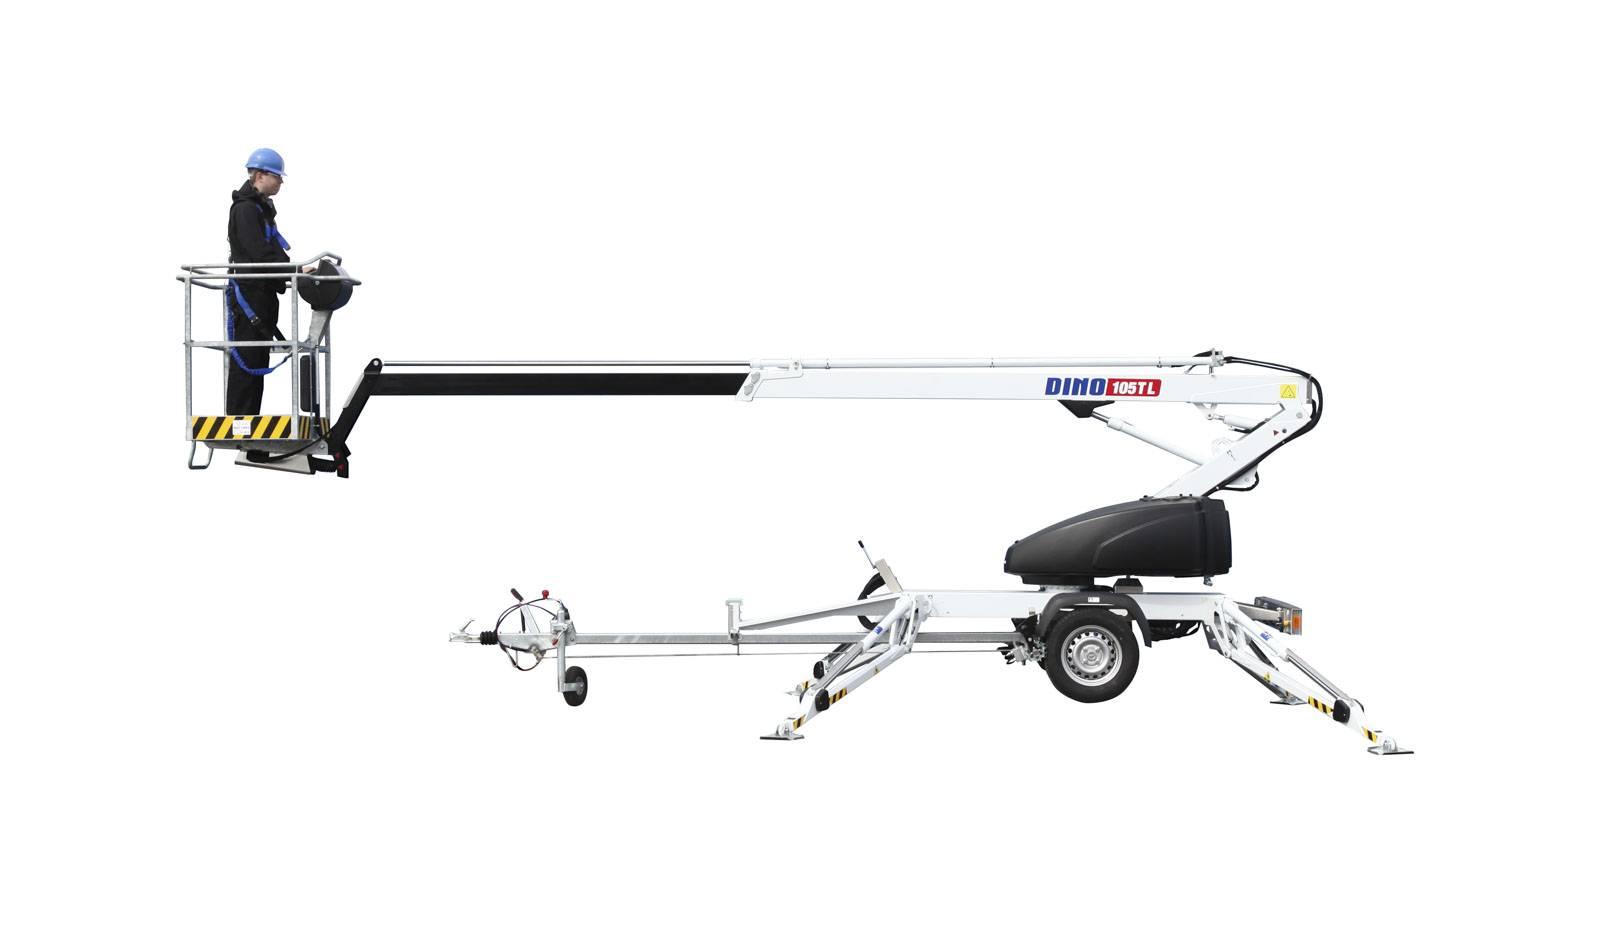 Tilhengerlift Dino 105TL